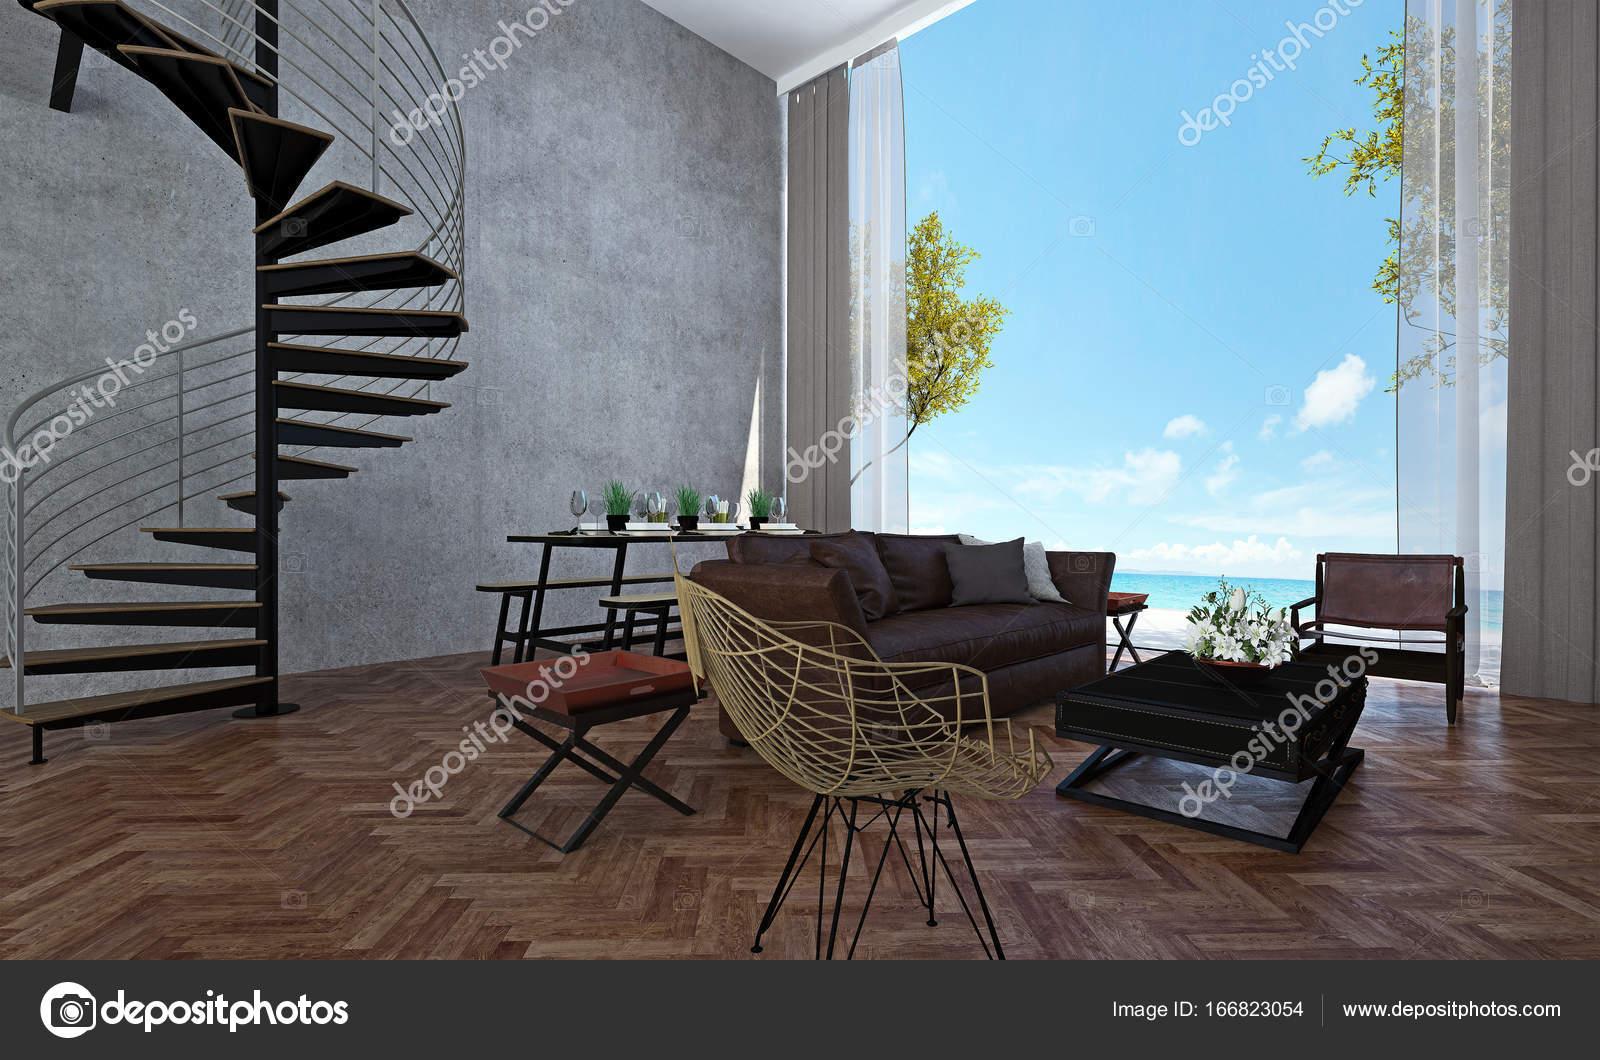 Das interior design der lounge und wohnzimmer und esszimmer und meer